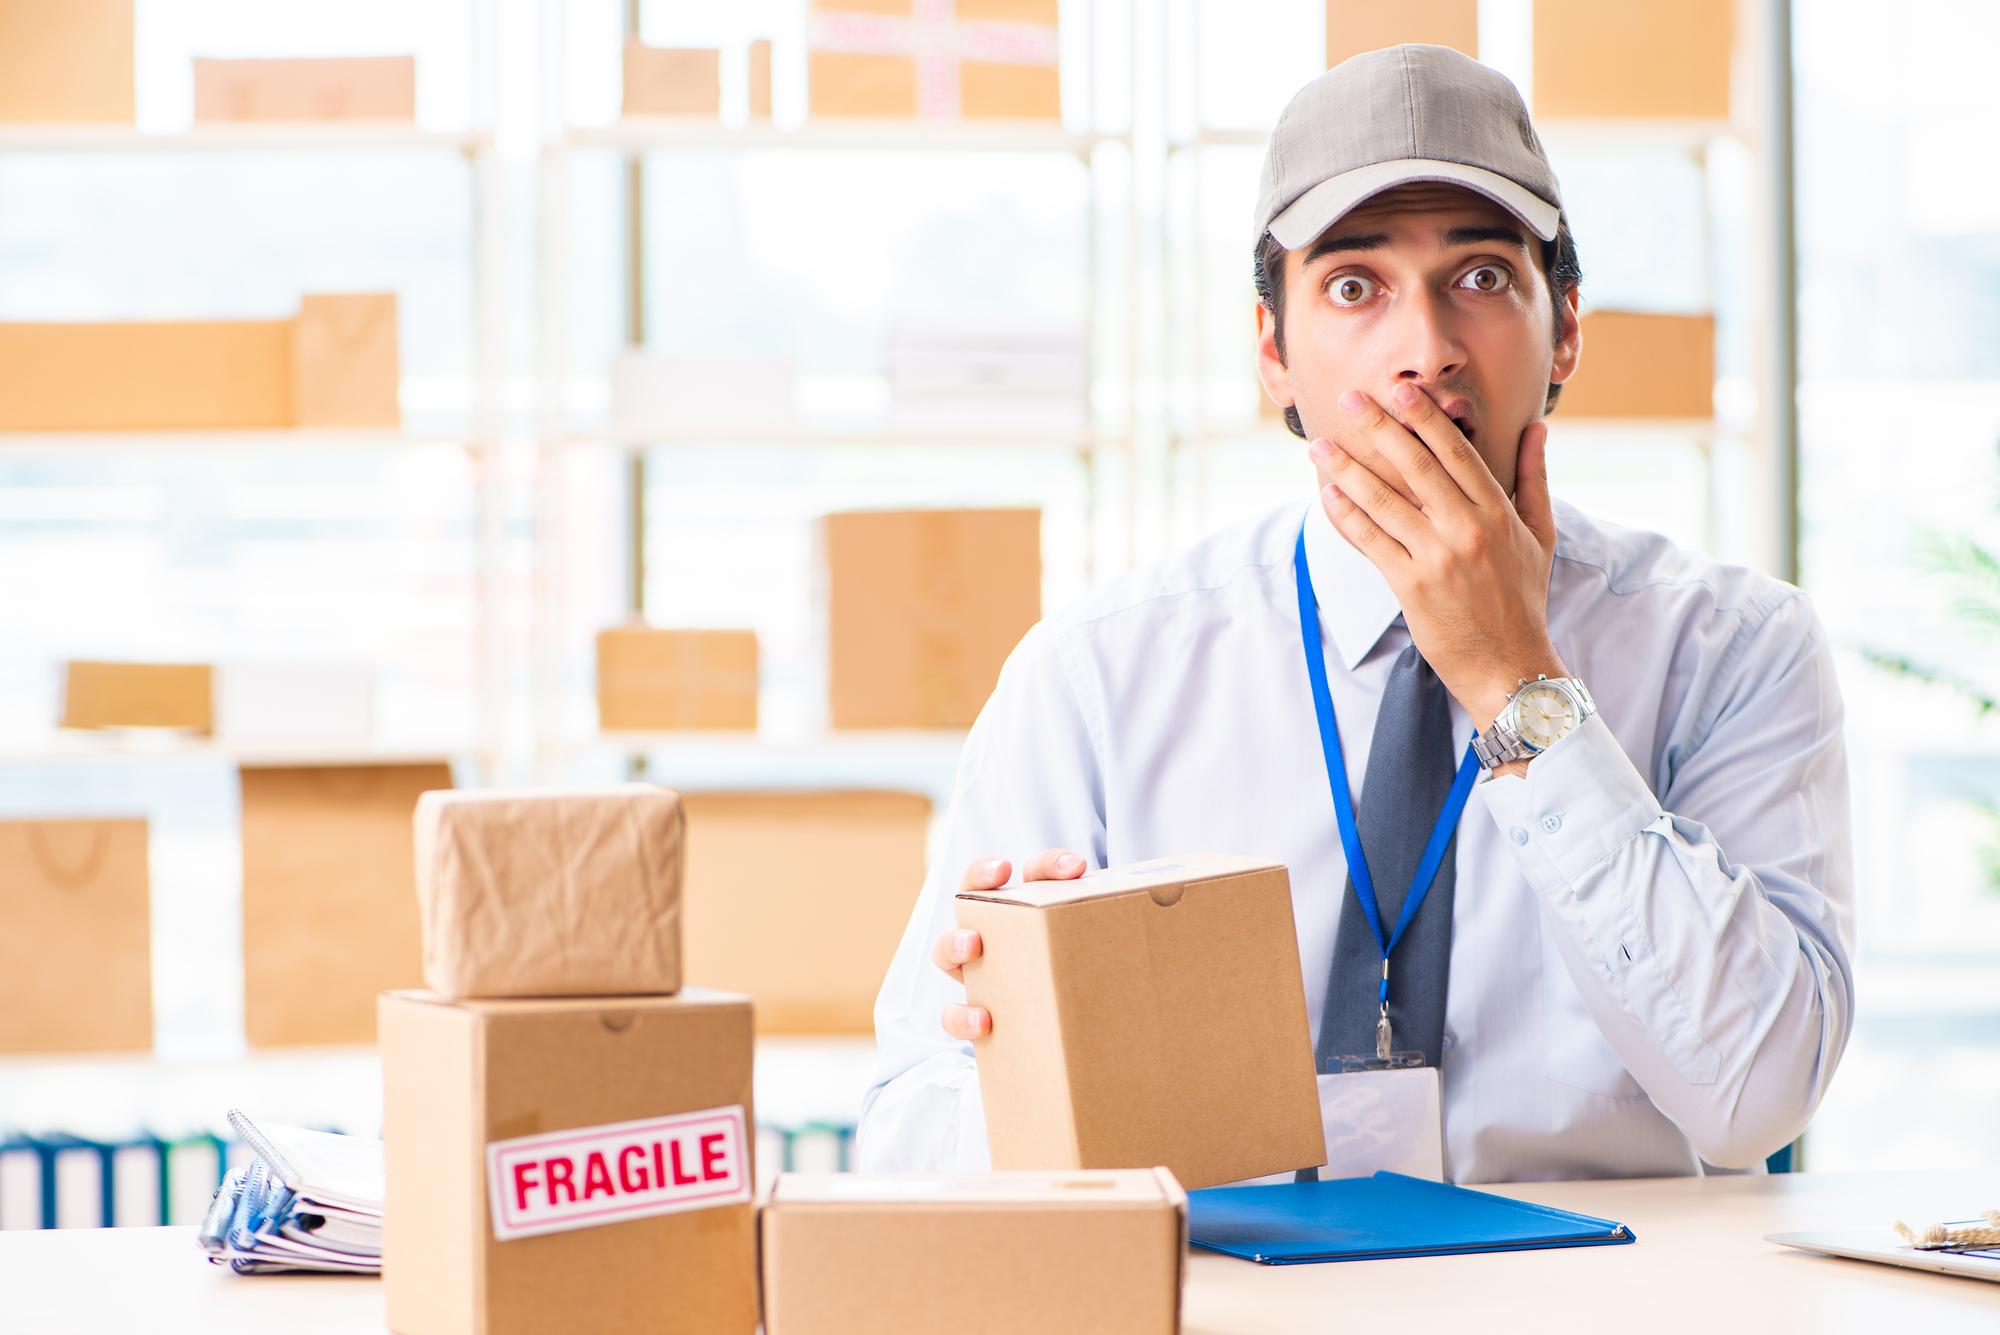 顧客が求める高い物流品質。『誤出荷事故』を防ぐために、必要なこと